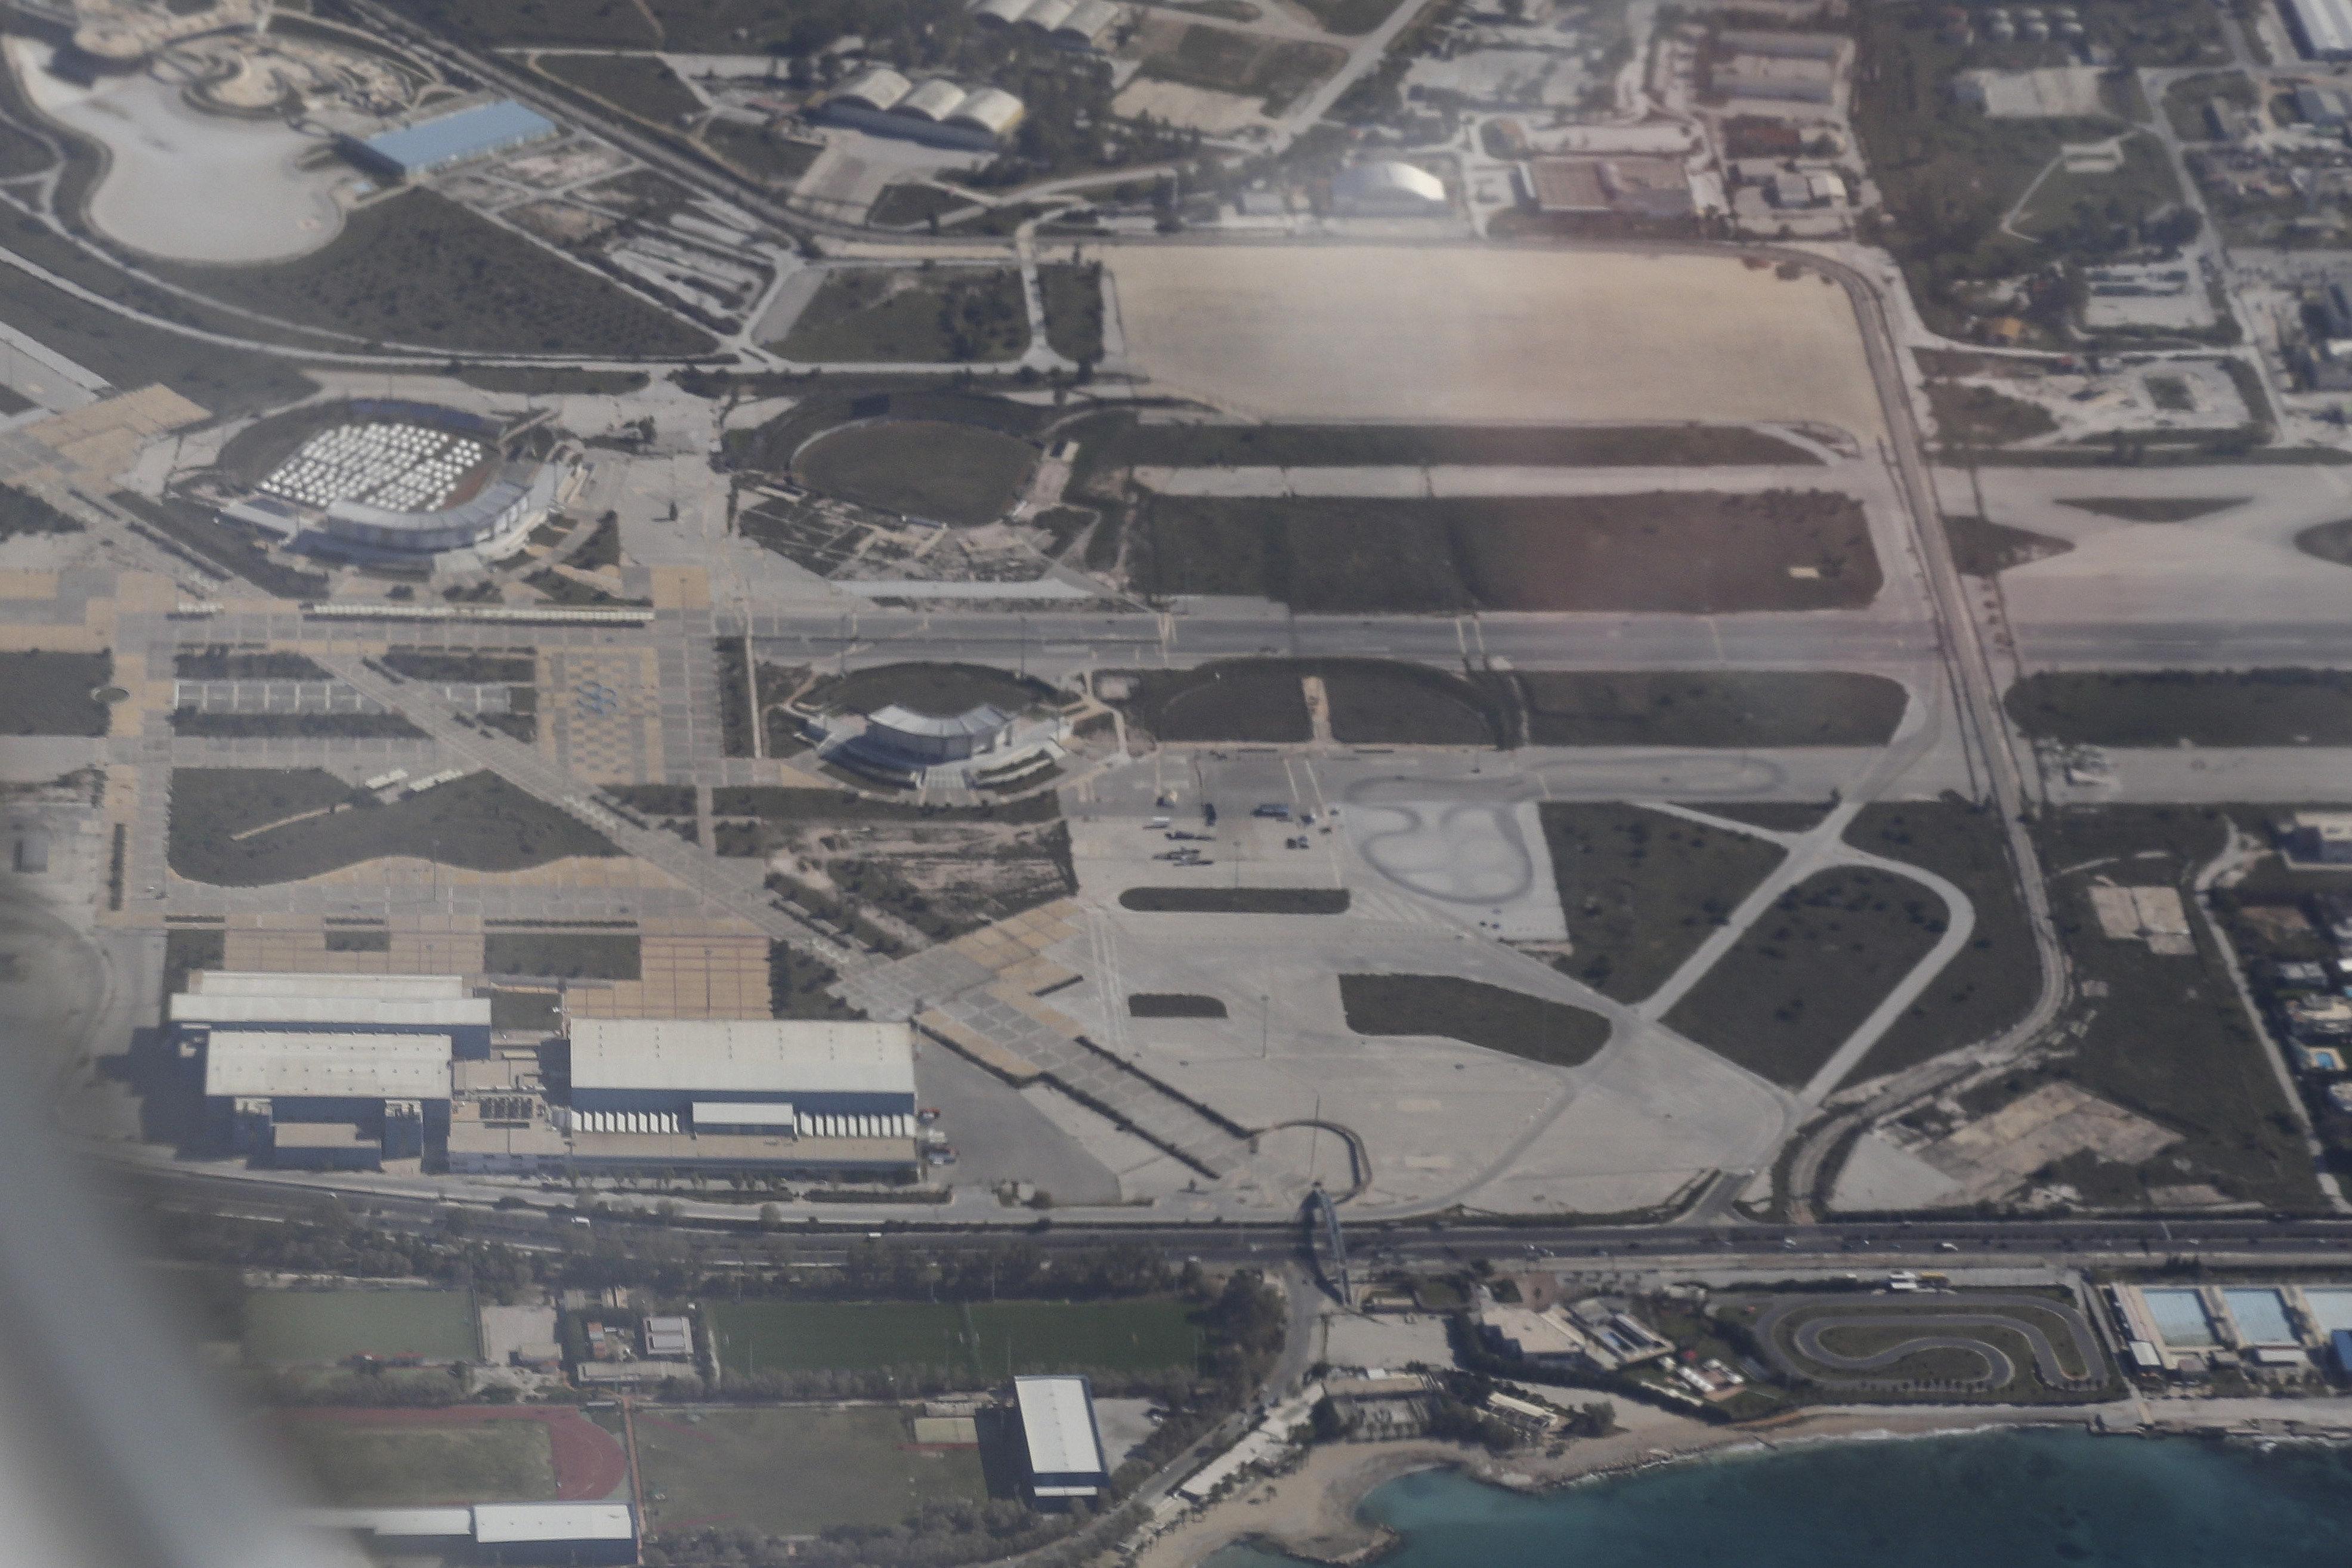 ΣτΕ για Ελληνικό: Μη διατηρητέα κτίρια ο πύργος ελέγχου και η αίθουσα